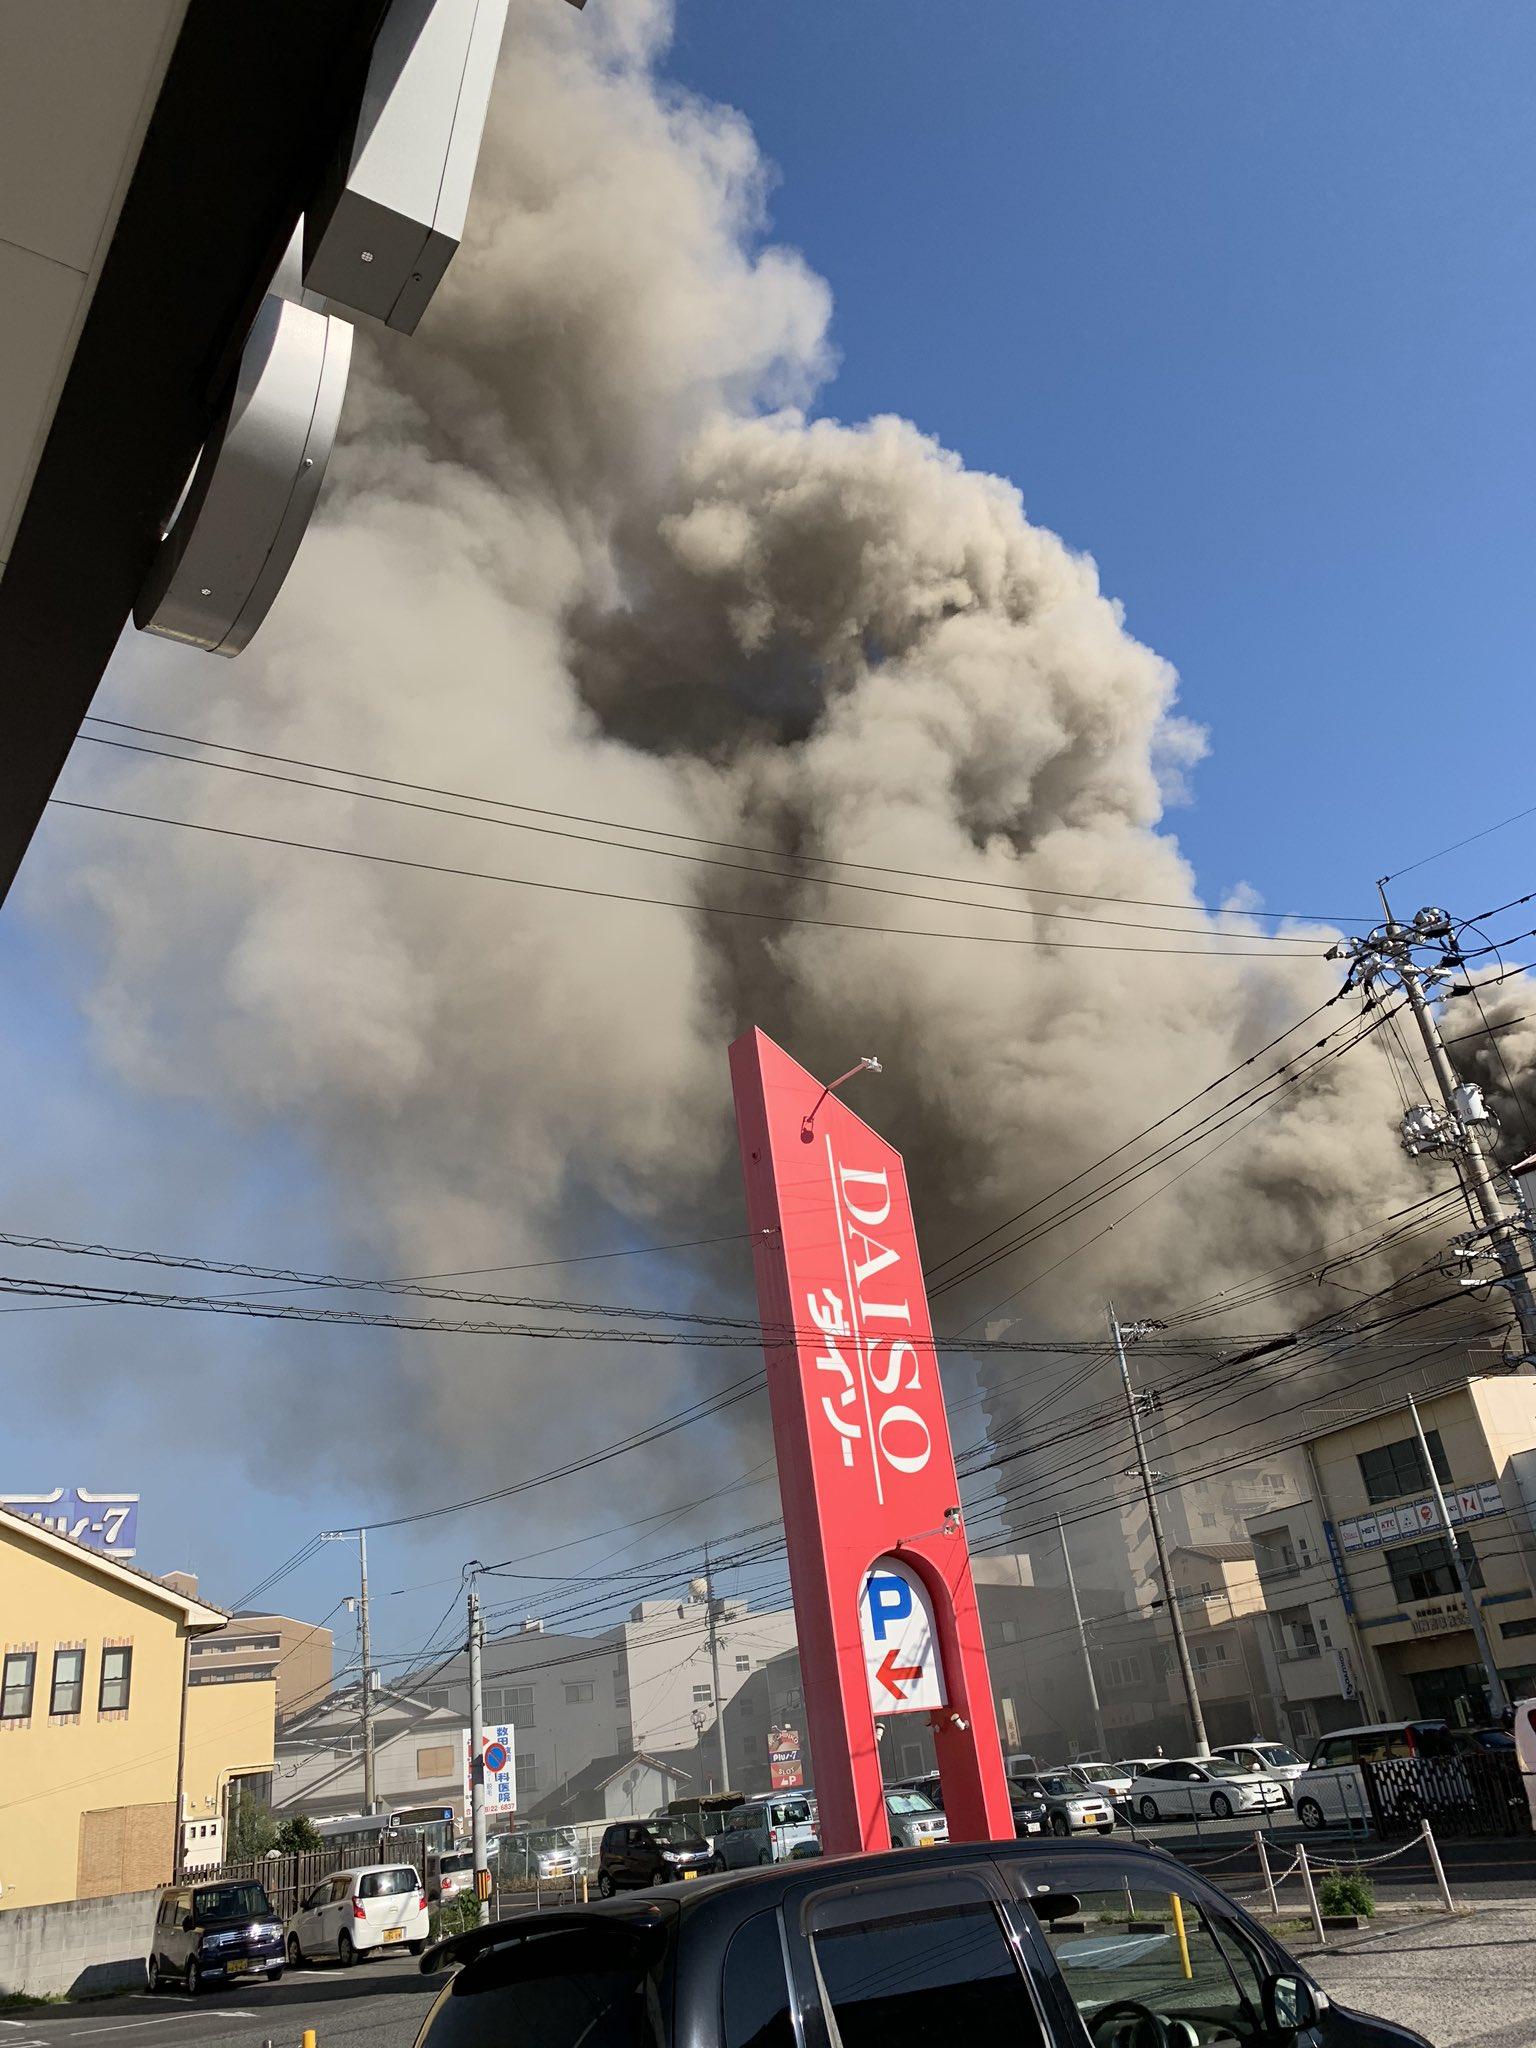 尾道市新浜で大きな火事が起きている現場の画像